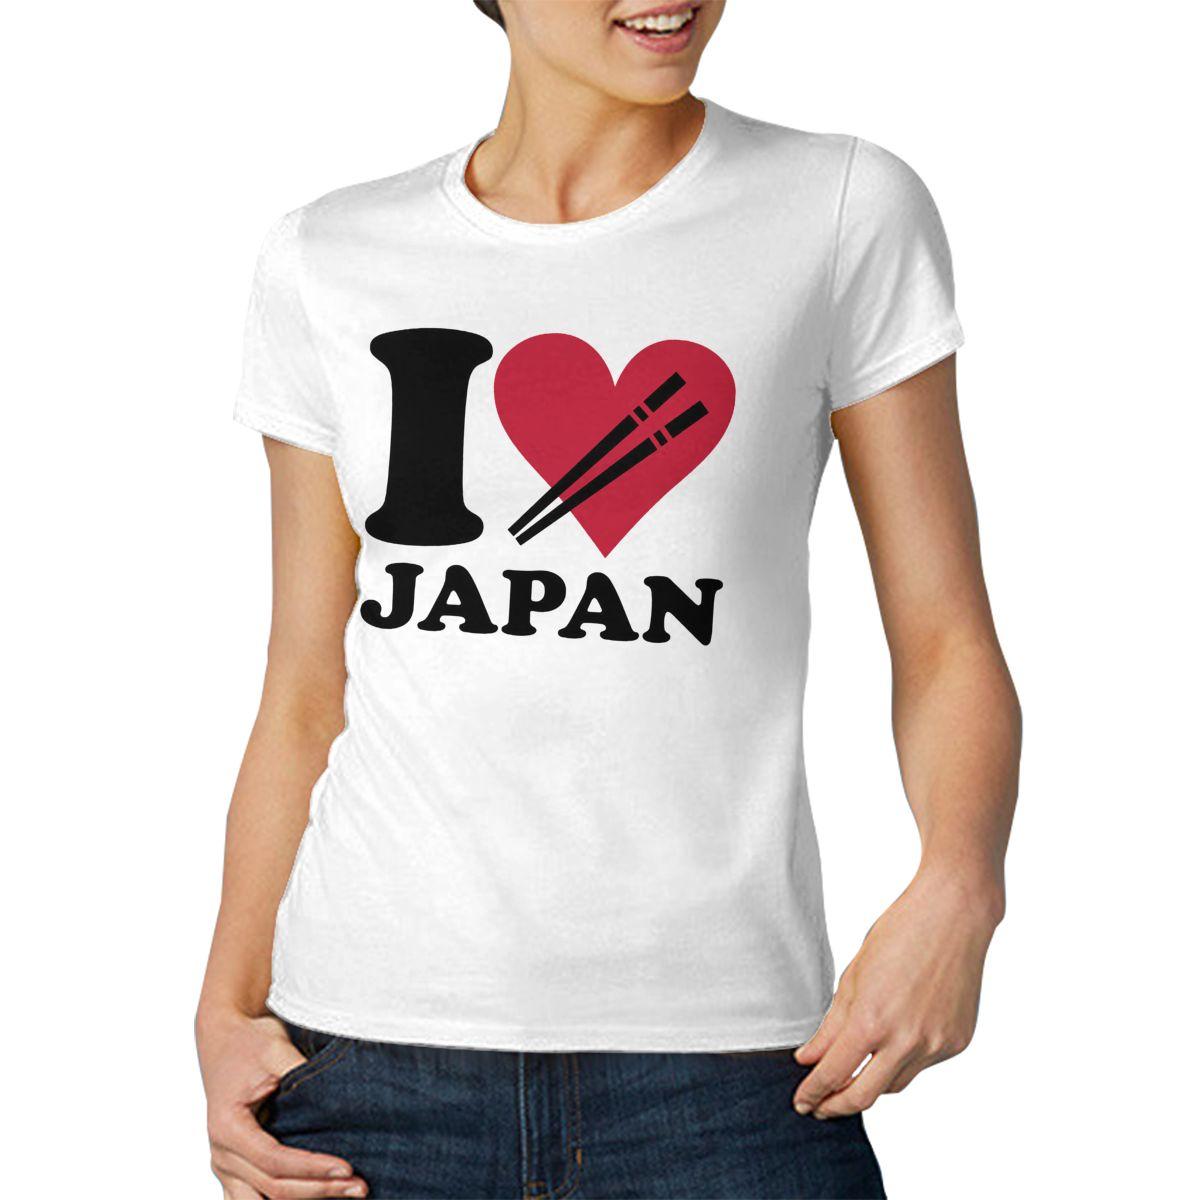 I LOVE JAPAN крутая и забавная Повседневная модная хлопковая футболка с коротким рукавом